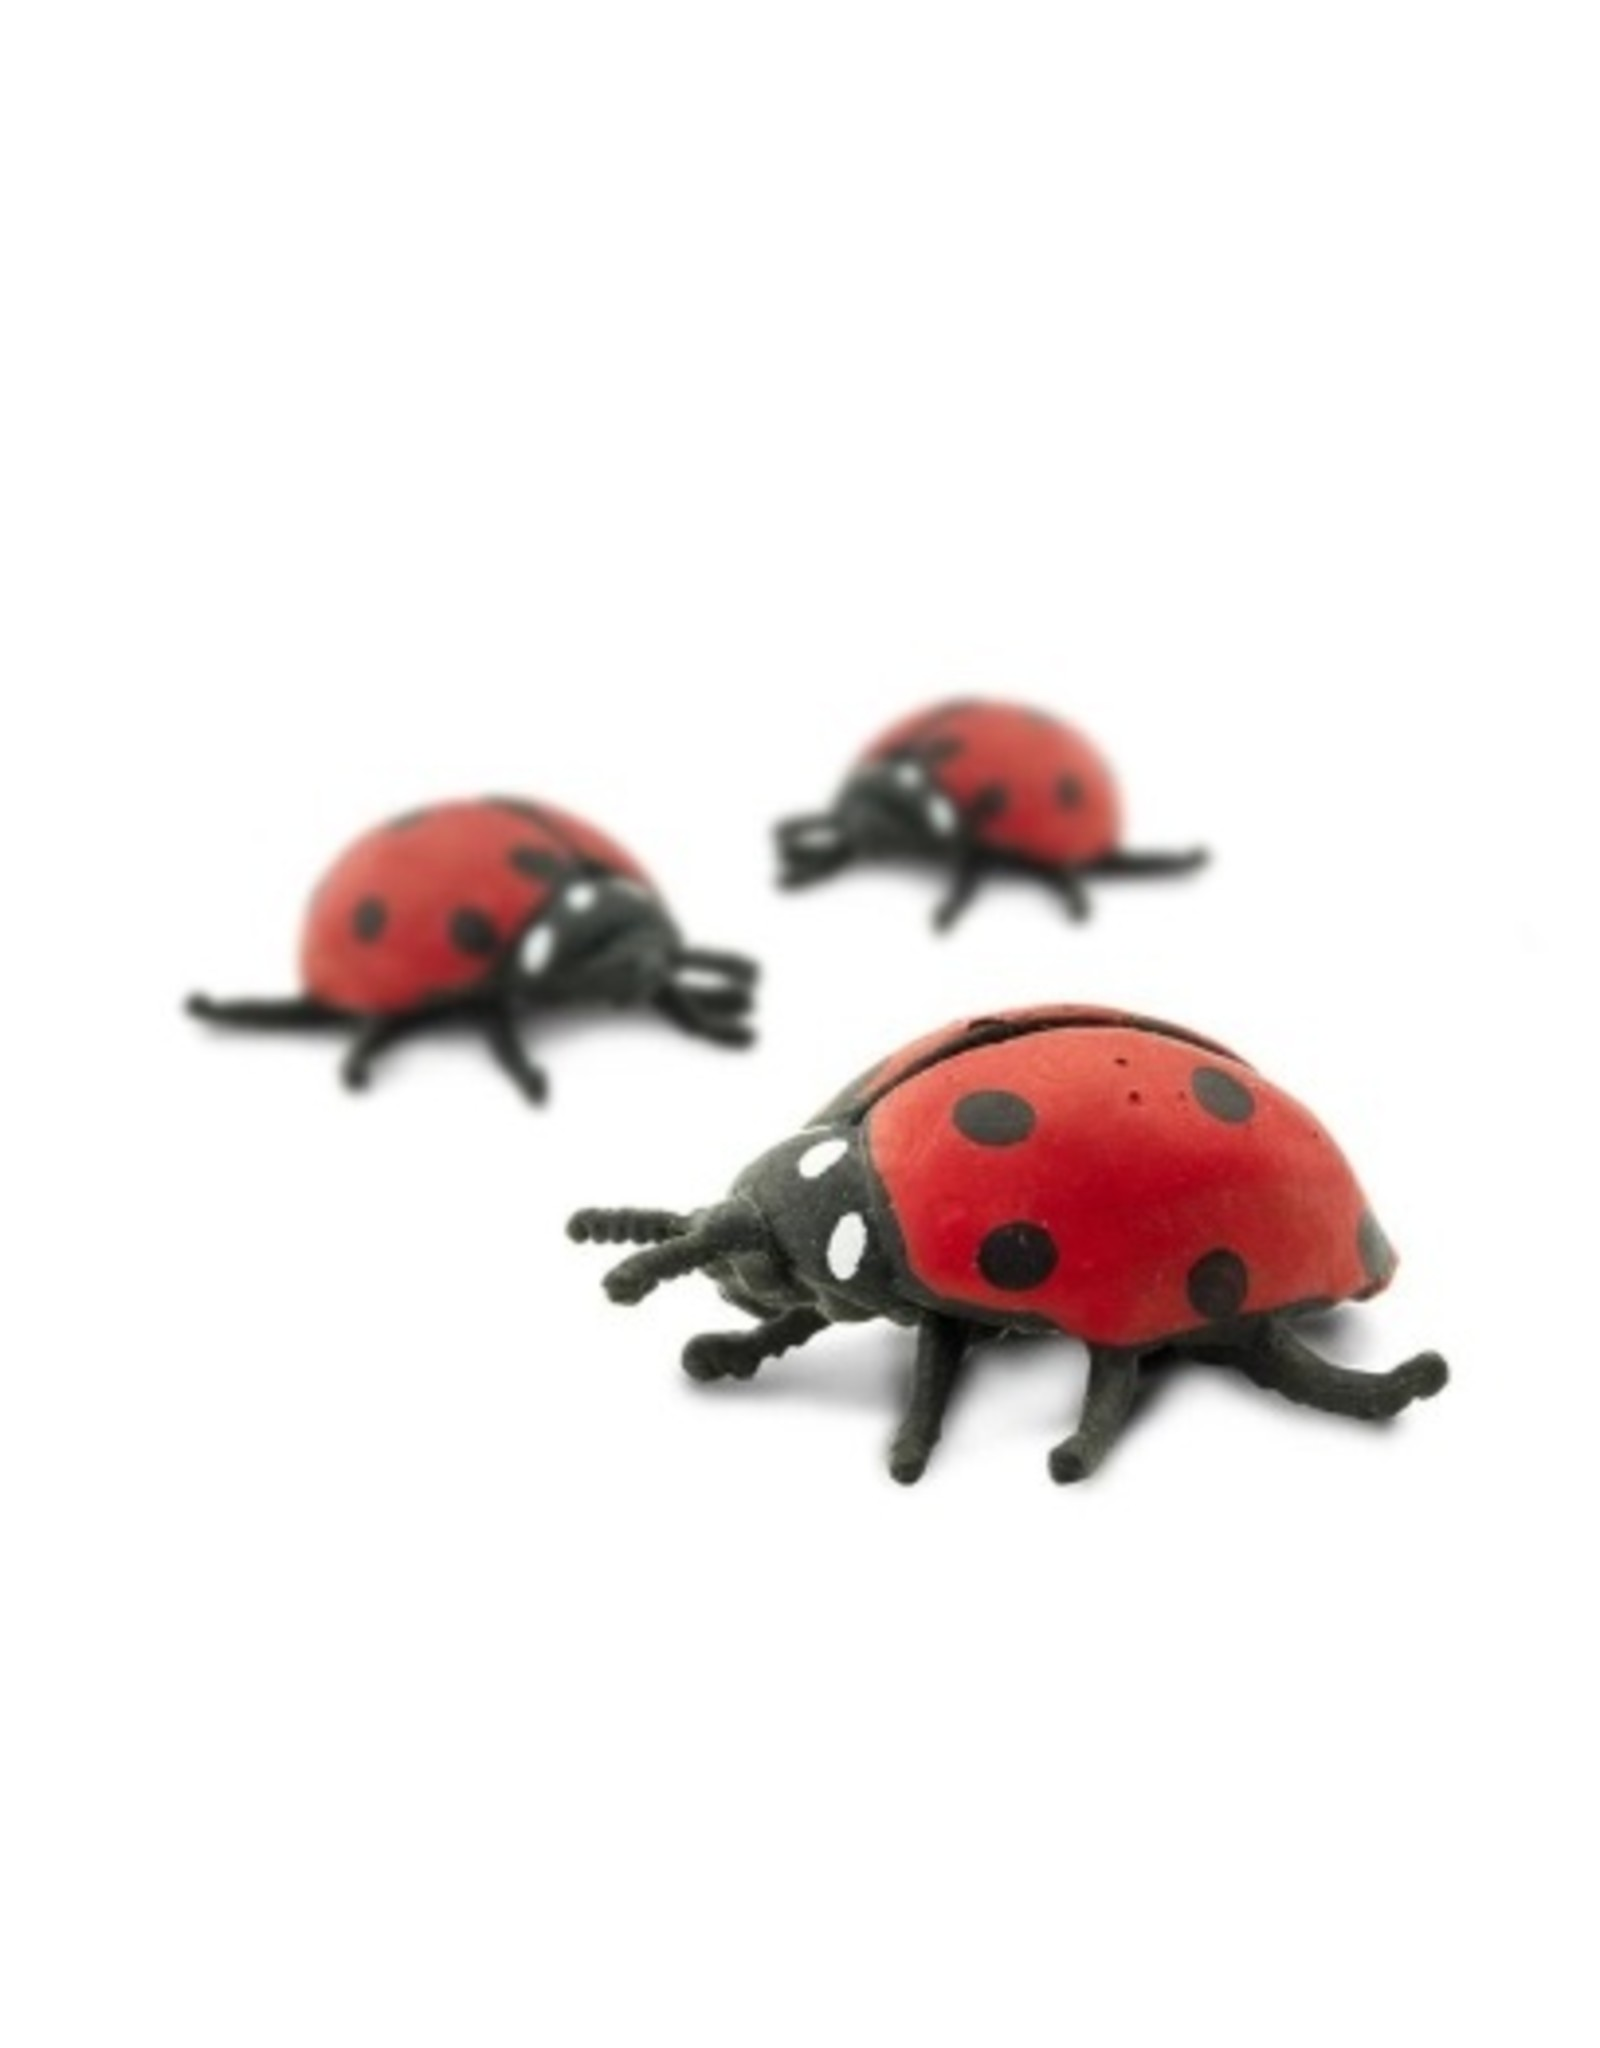 Goodluck mini - lieveheersbeestje